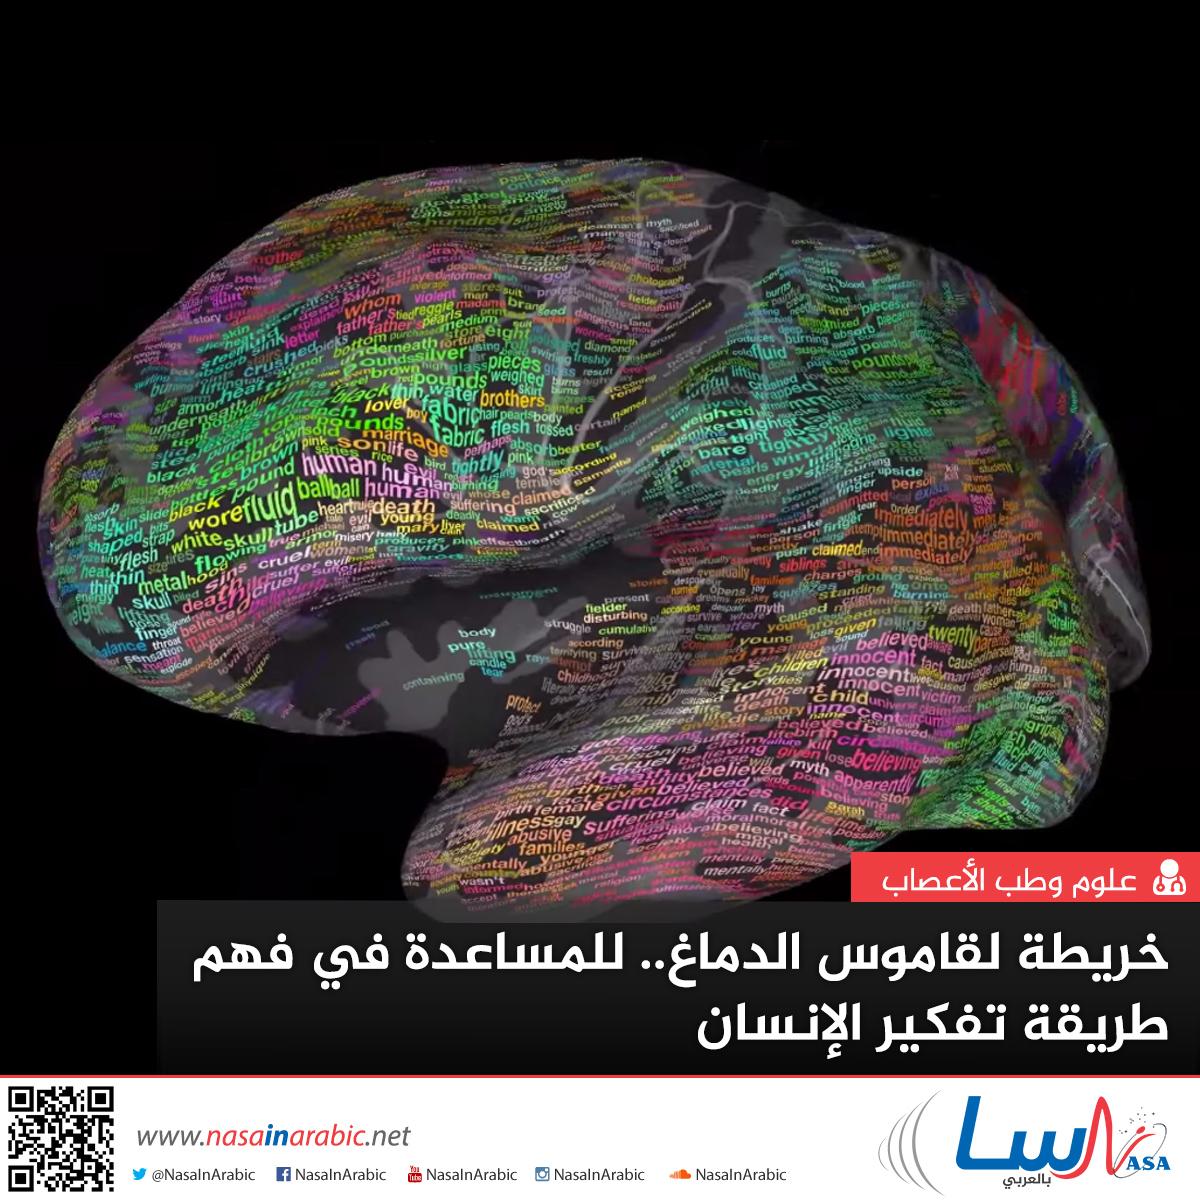 خريطة لقاموس الدماغ للمساعدة في فهم طريقة تفكير الإنسان